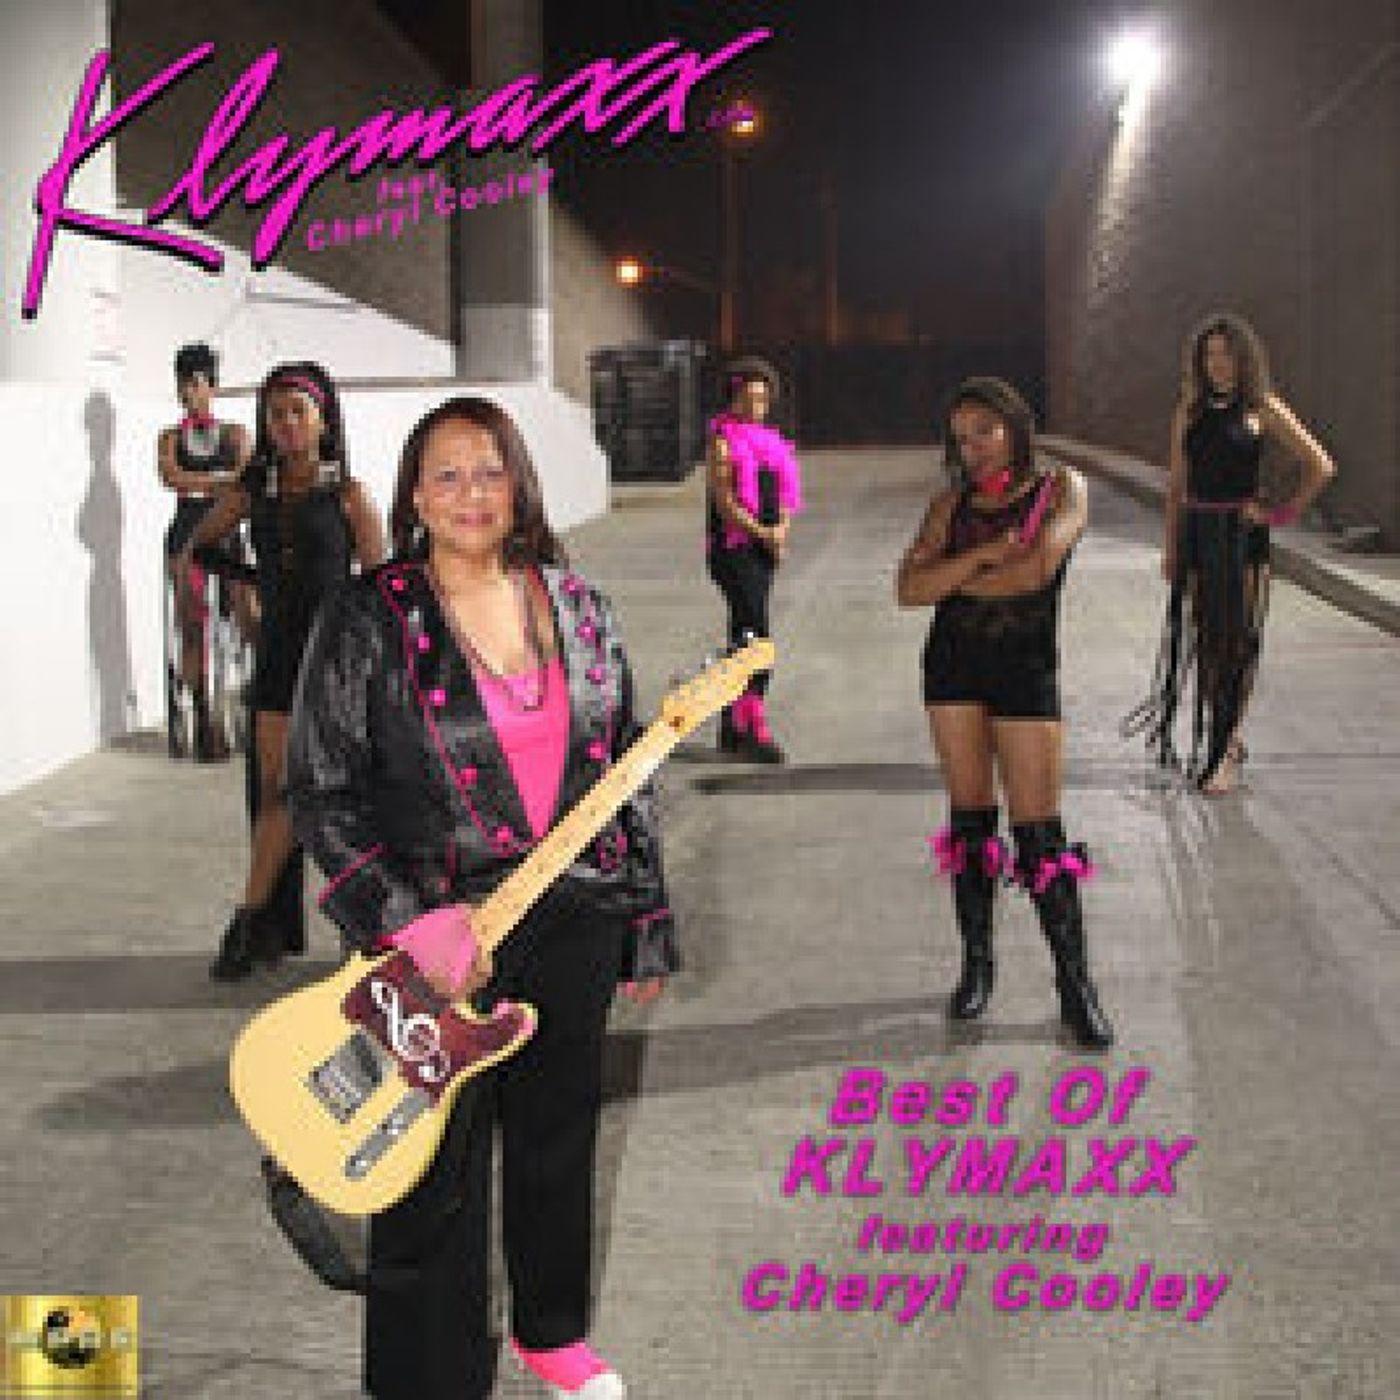 Cheryl Cooley of Klymaxx - Underground interviews